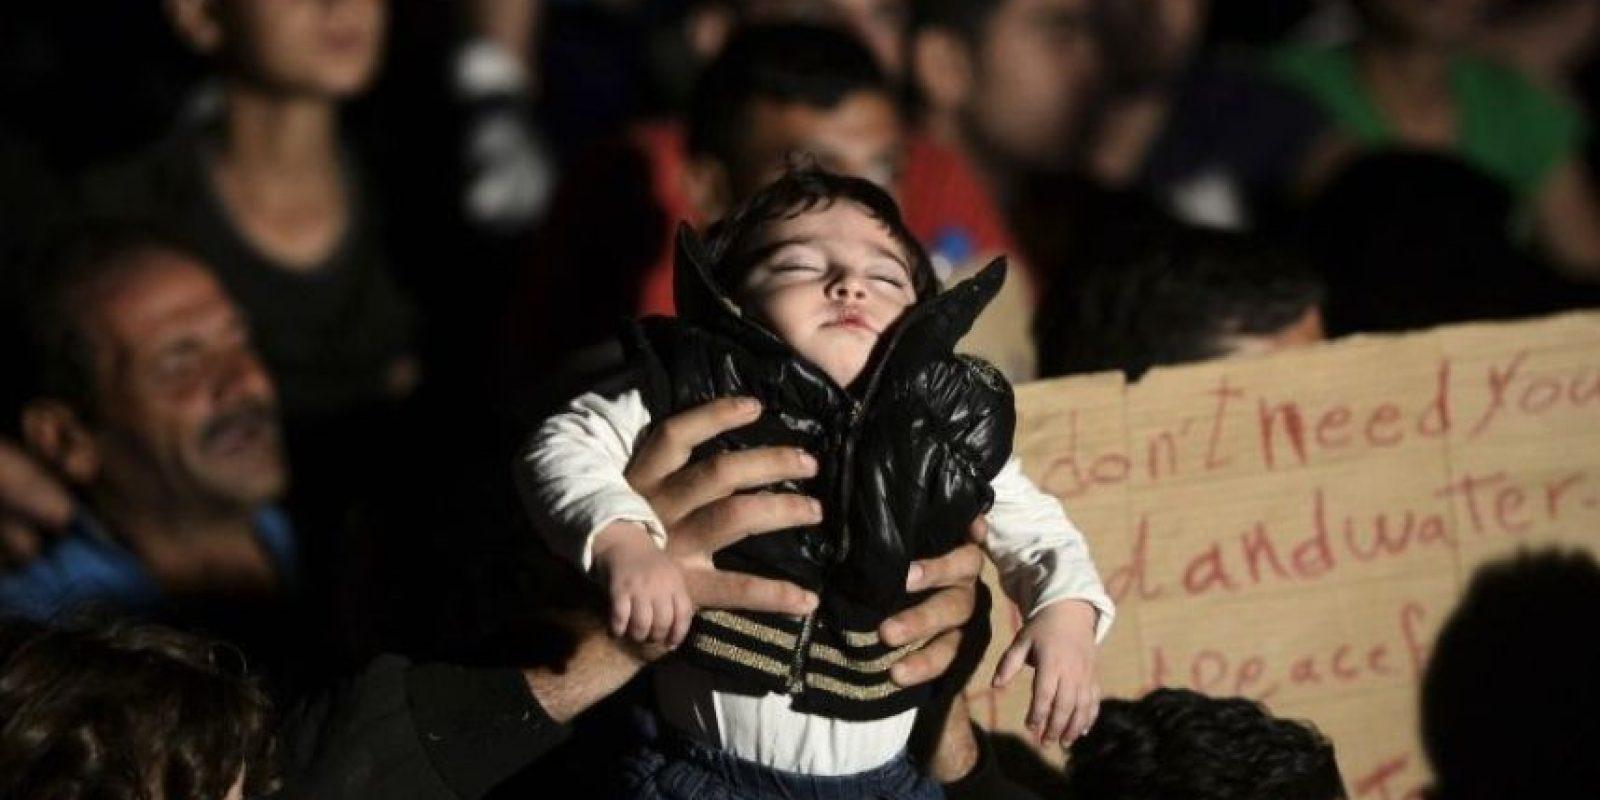 La madre de la pequeña fue trasladada al hospital de emergencia tras el ataque y le fue practicada una cesárea. Foto:Getty Images